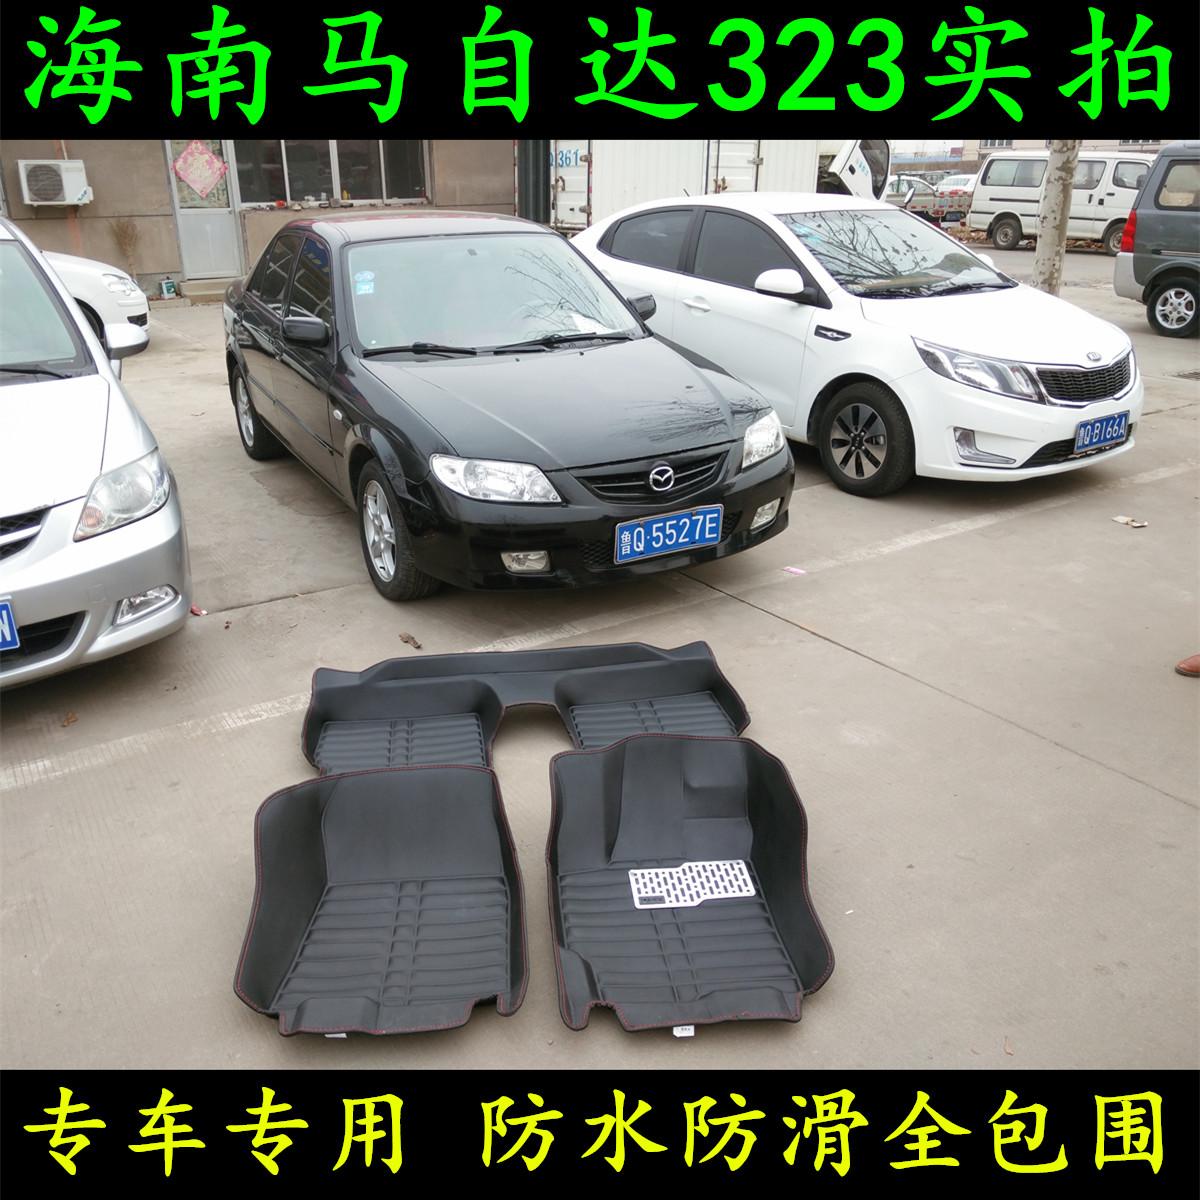 Коврики для автомобиля Jin Jieyu 323 323 323